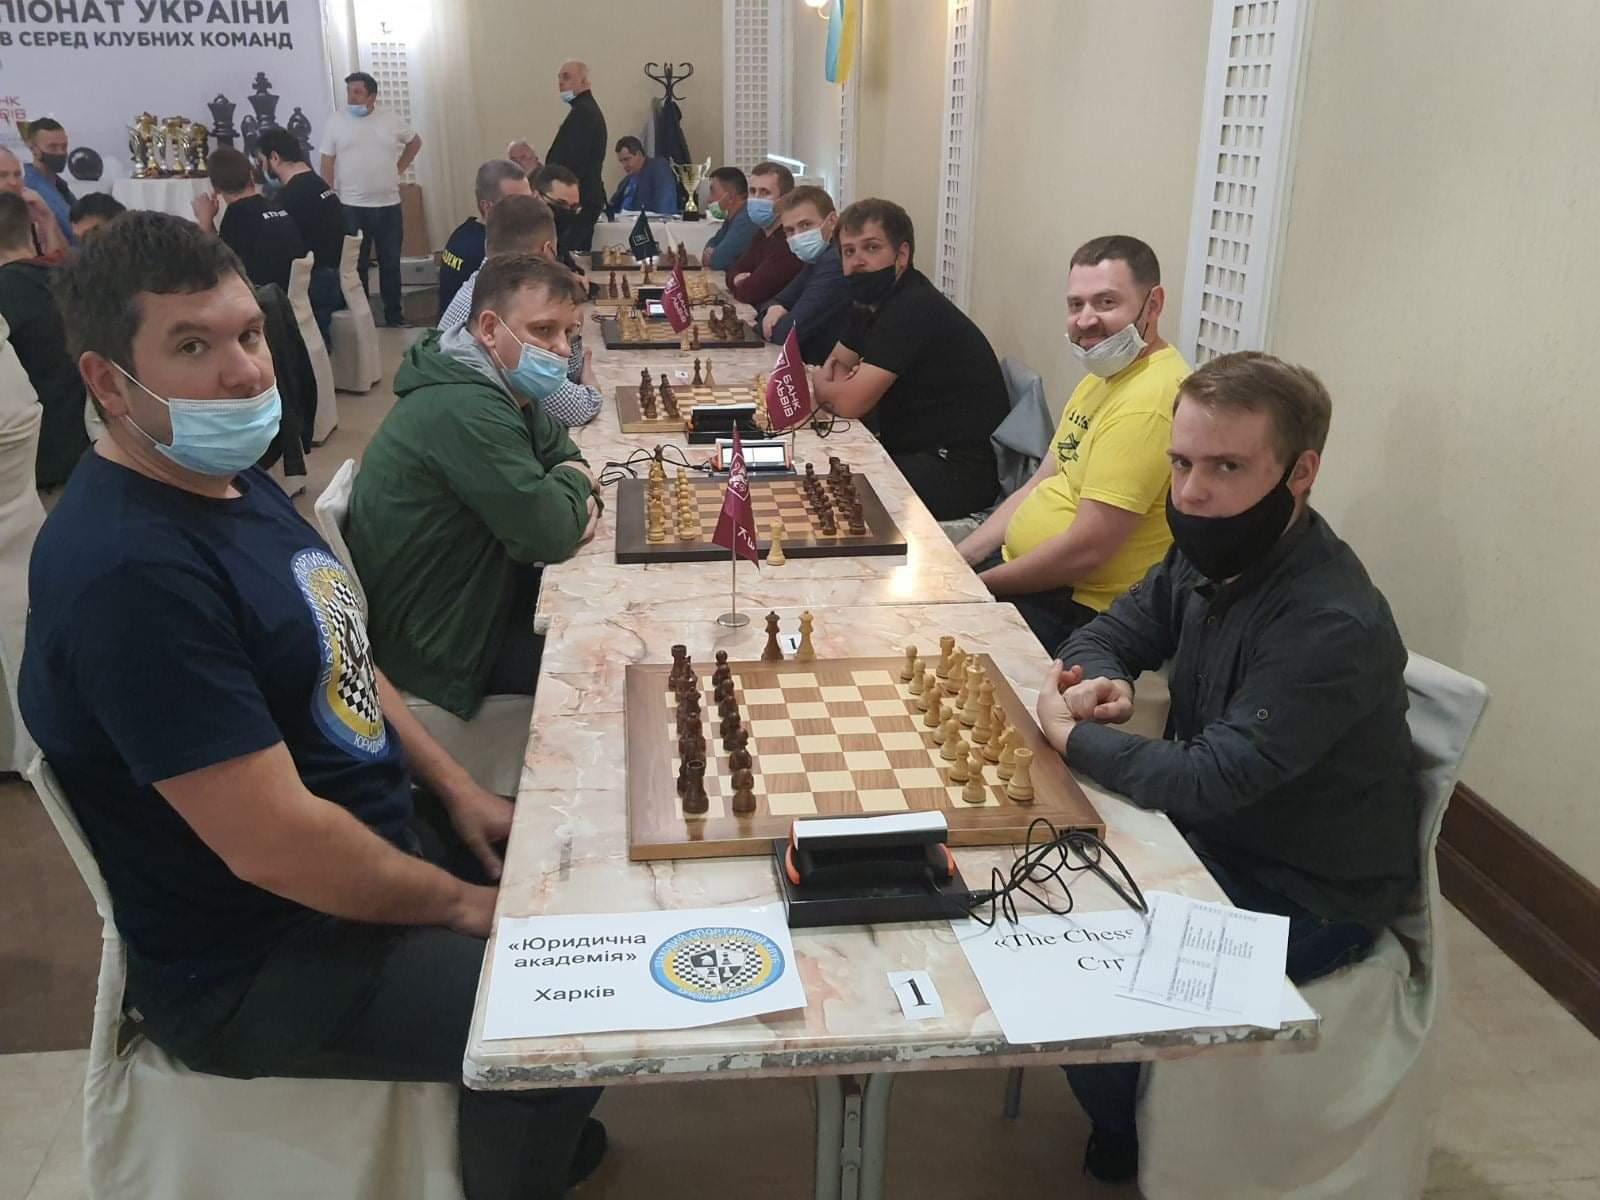 Харьковская «Юракадемия» выиграла чемпионат Украины по шахматам (фото)